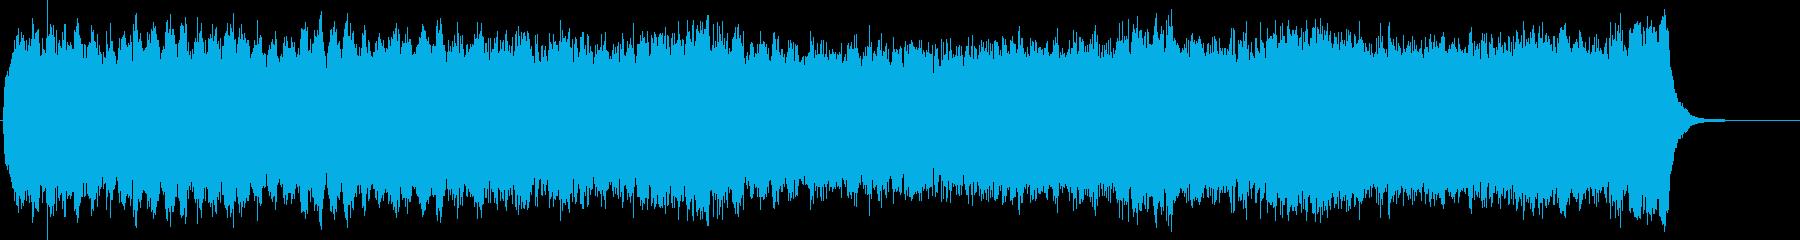 大聖堂に響くパイプオルガンと合唱団風の再生済みの波形